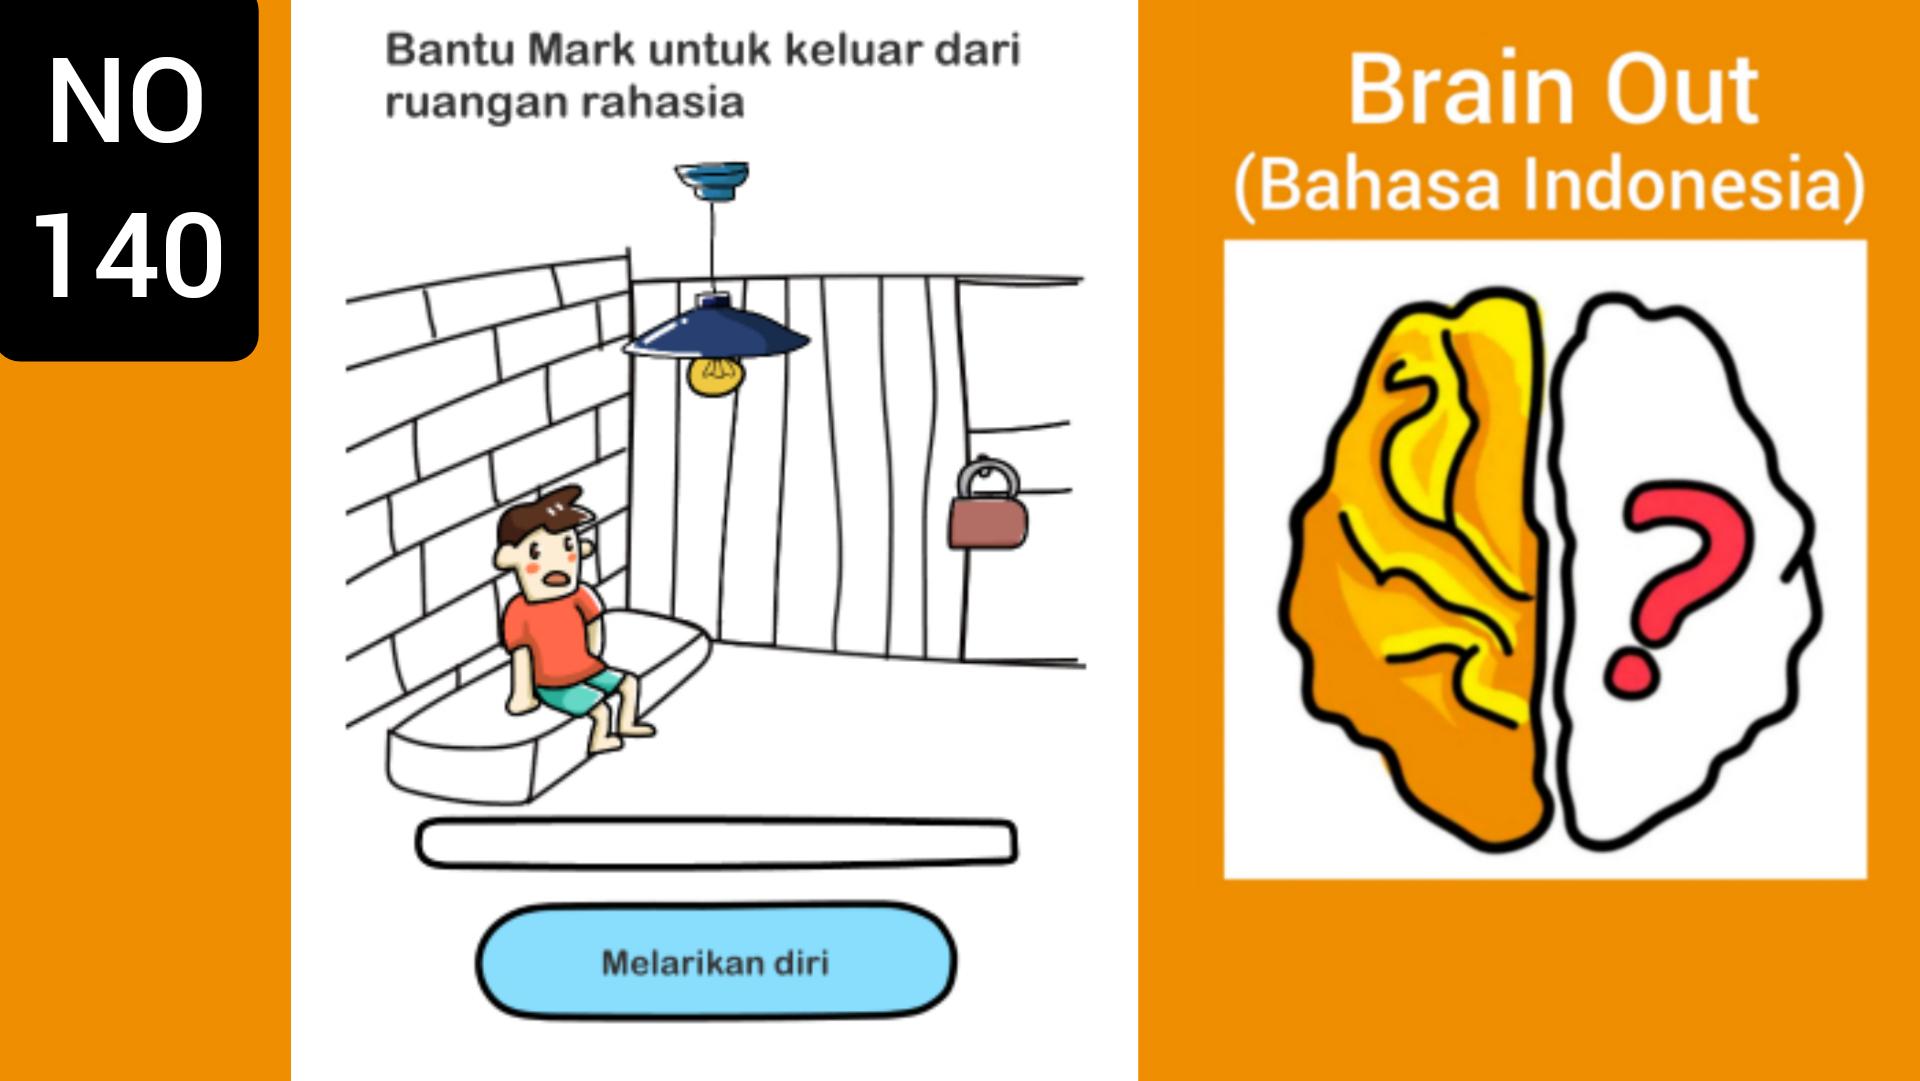 Dengan tantangan berupa pertanyaan atau masalah di setiap levelnya. Brain Out Level 140 Bantu Mark Untuk Keluar Dari Ruangan Rahasia Terbaru 2021